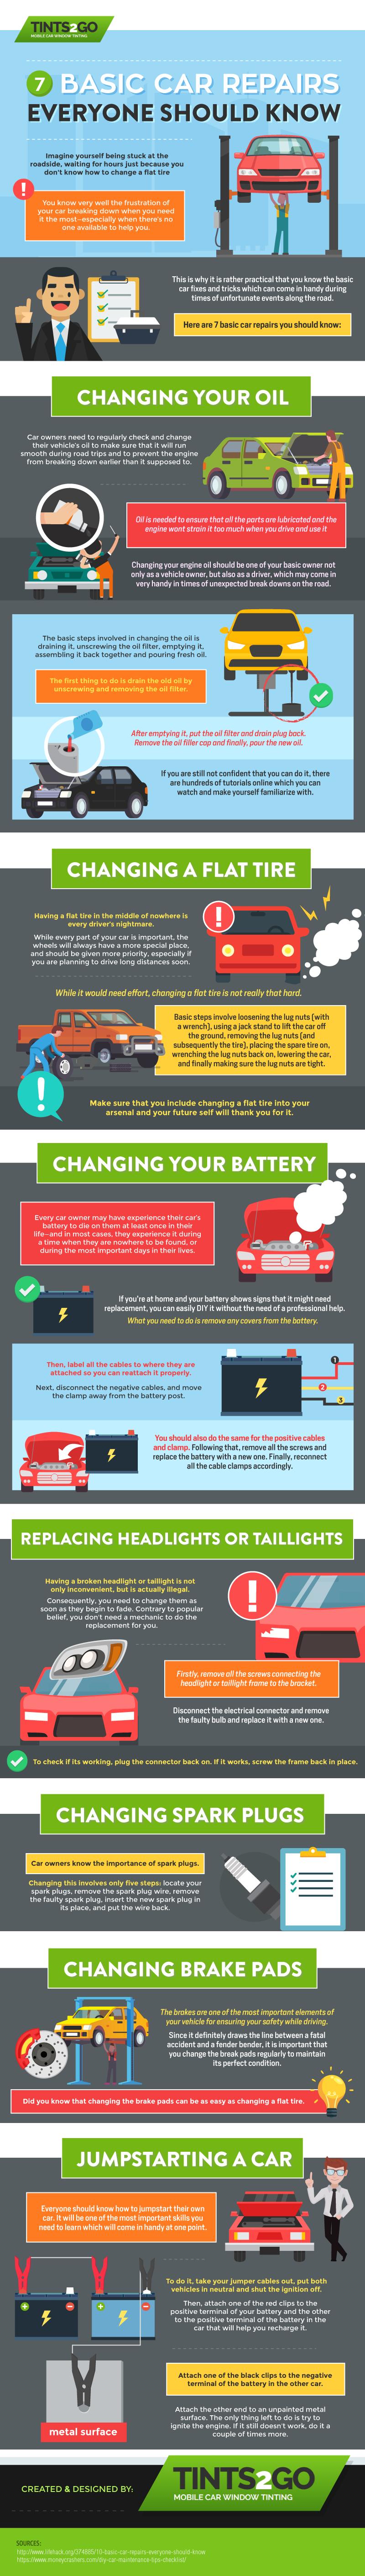 7 Basic Car Repairs Everyone Should Know